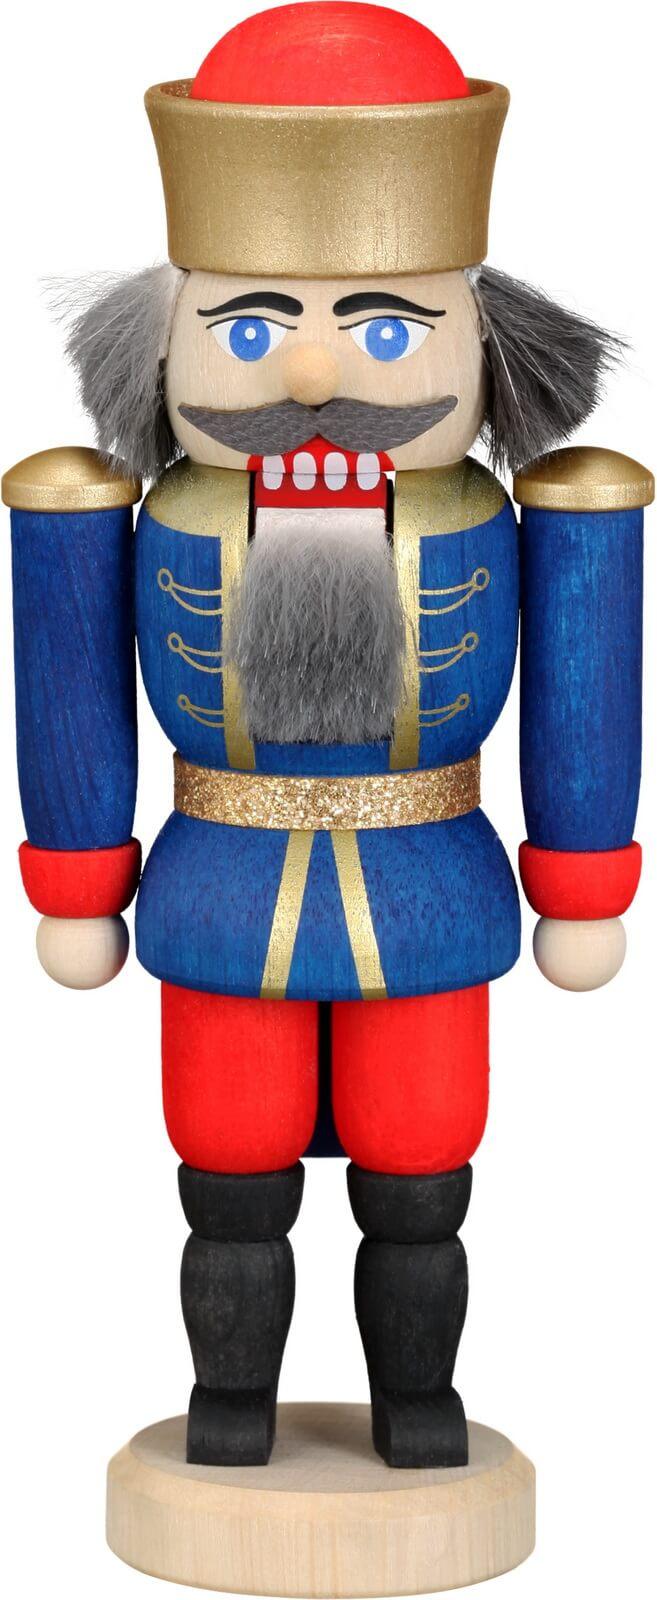 Ihre Majestät der Nussknacker König in blau, 12 cm von Seiffener Volkskunst eG Seiffen/ Erzgebirge, gibt uns die Ehre. Dienten früher die Nussknacker oder …